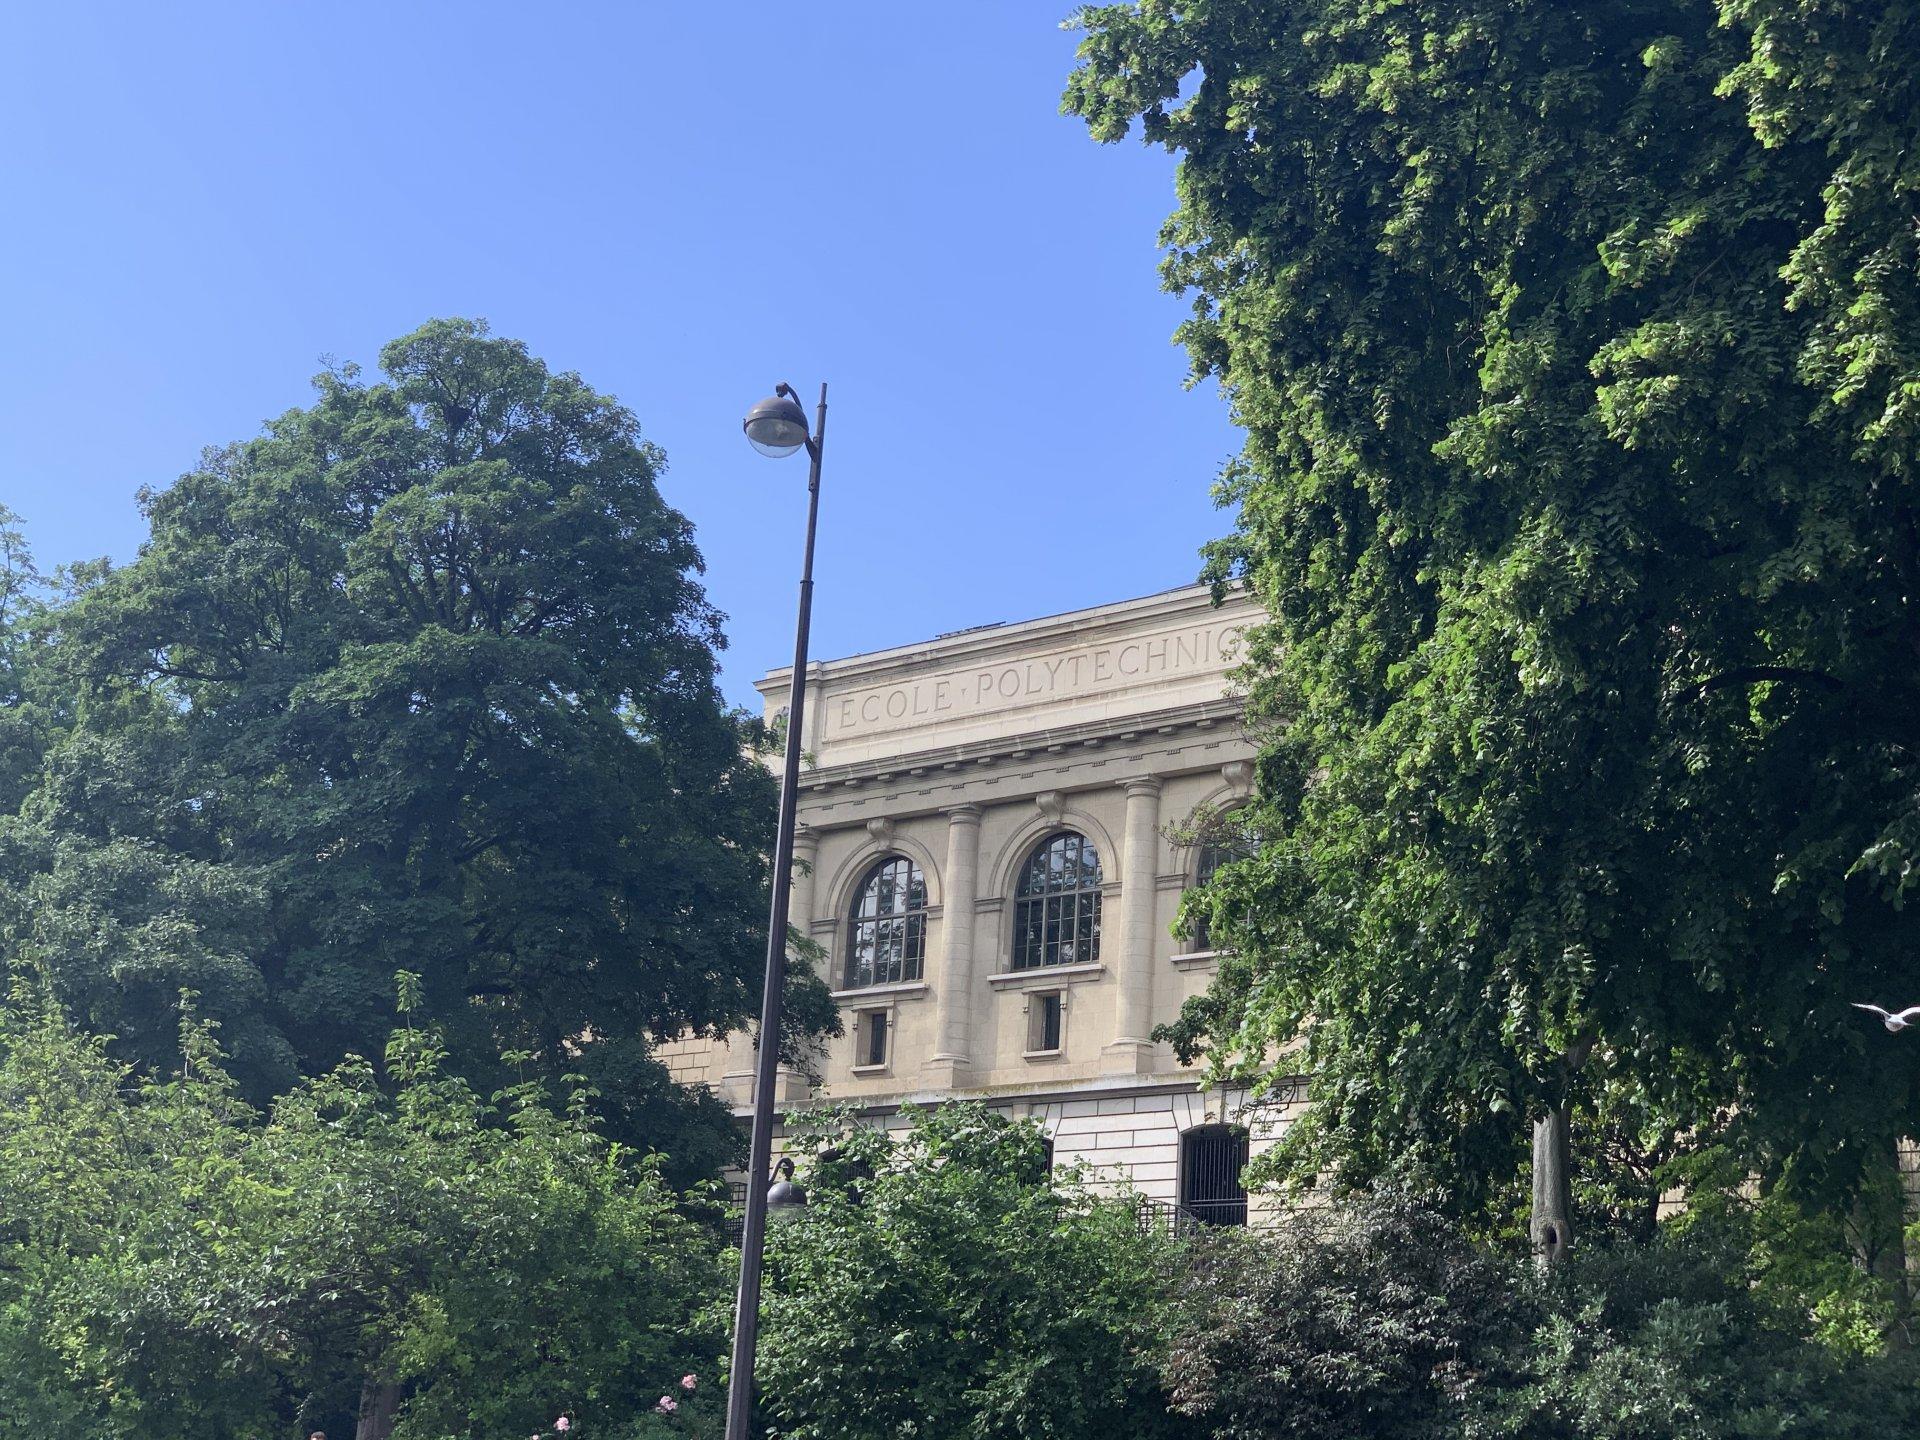 Paris - V ème - PANTHÉON / JARDIN DU LUXEMBOURG - M° Maubert - Mutualité / Jussieu - STUDIO À RÉNOVER - SECTORISATION HENRI IV / LOUIS - LE - GRAND - EXCELLENT AGENCEMENT - BEL IMMEUBLE.